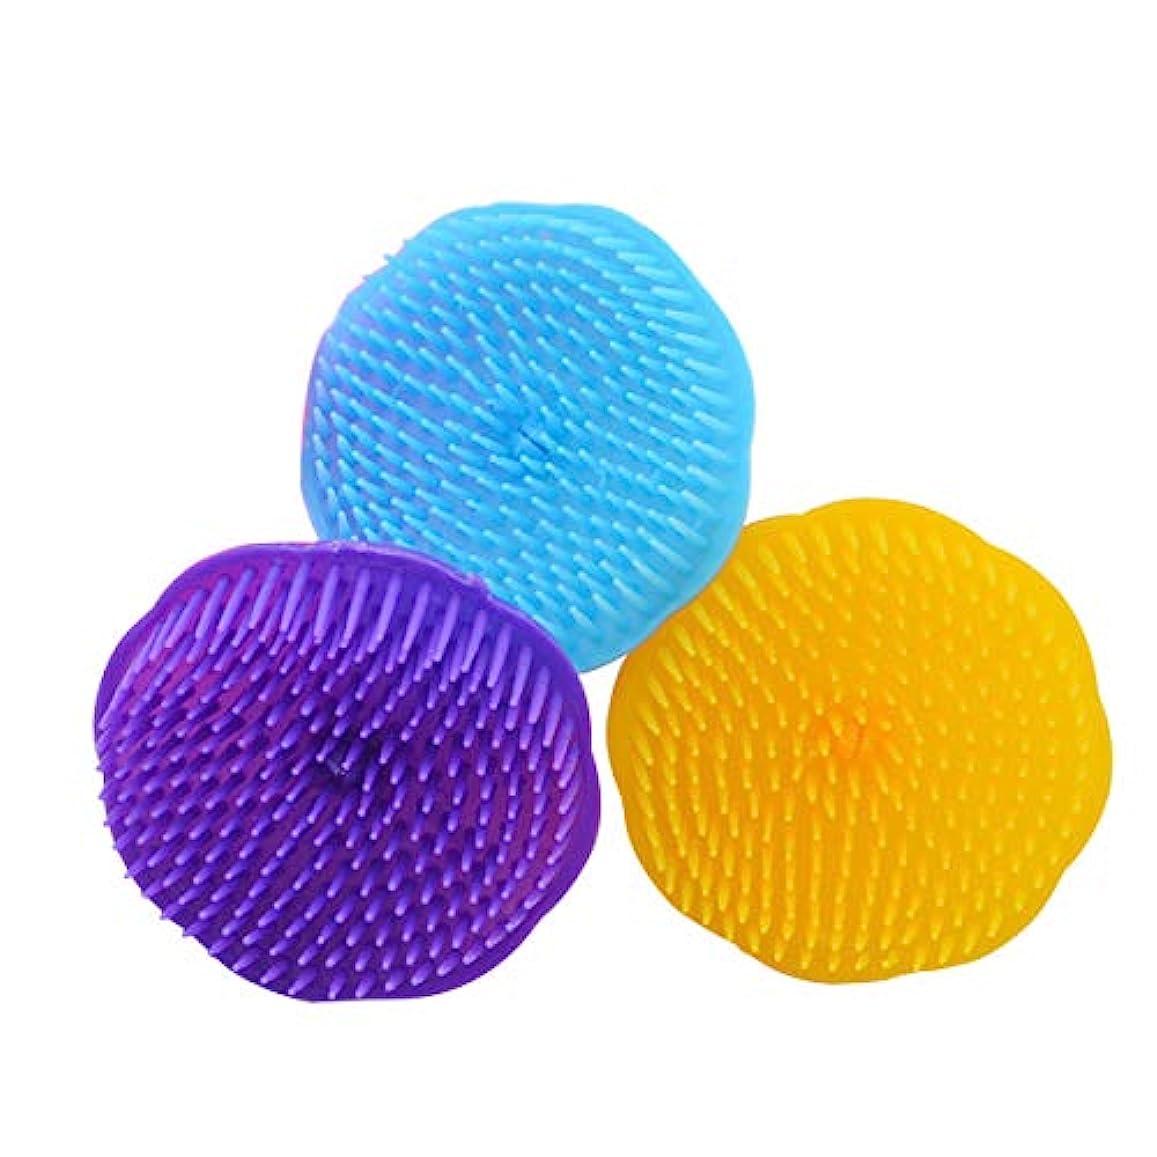 嘆願参照する早いSUPVOX ヘアマッサージブラシ シャワーシャンプー頭皮ブラシヘッドボディマッサージスパスリミングブラシ3PCS(ランダムカラー)